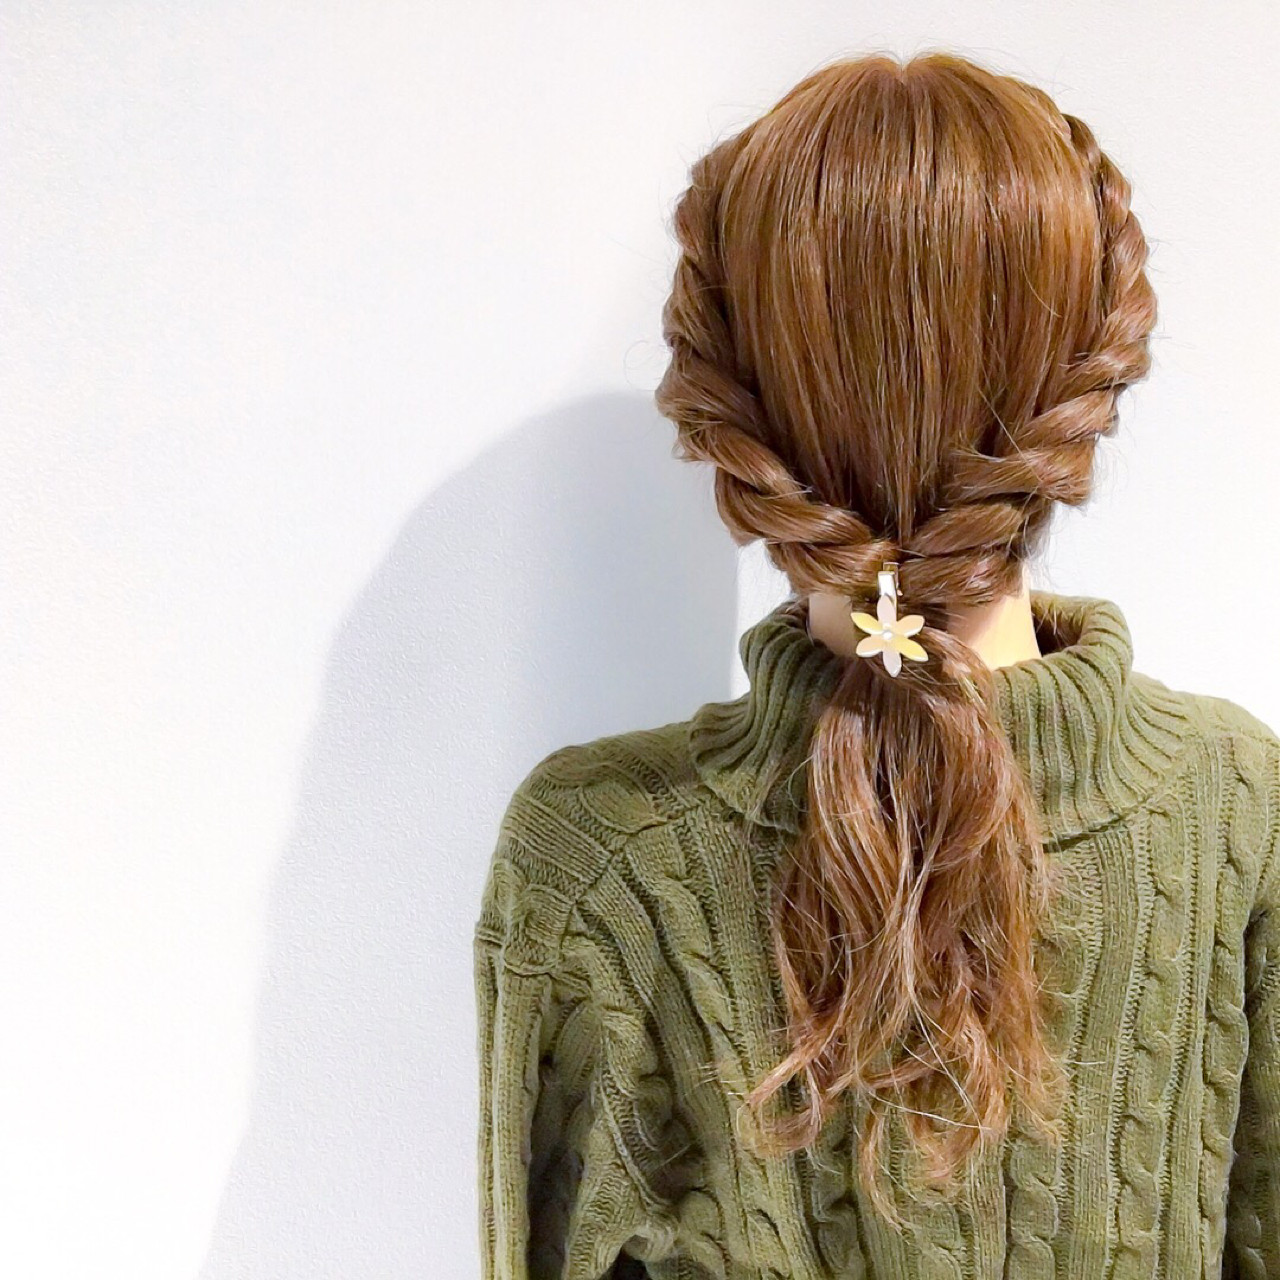 アウトドア デート ヘアアレンジ フェミニン ヘアスタイルや髪型の写真・画像